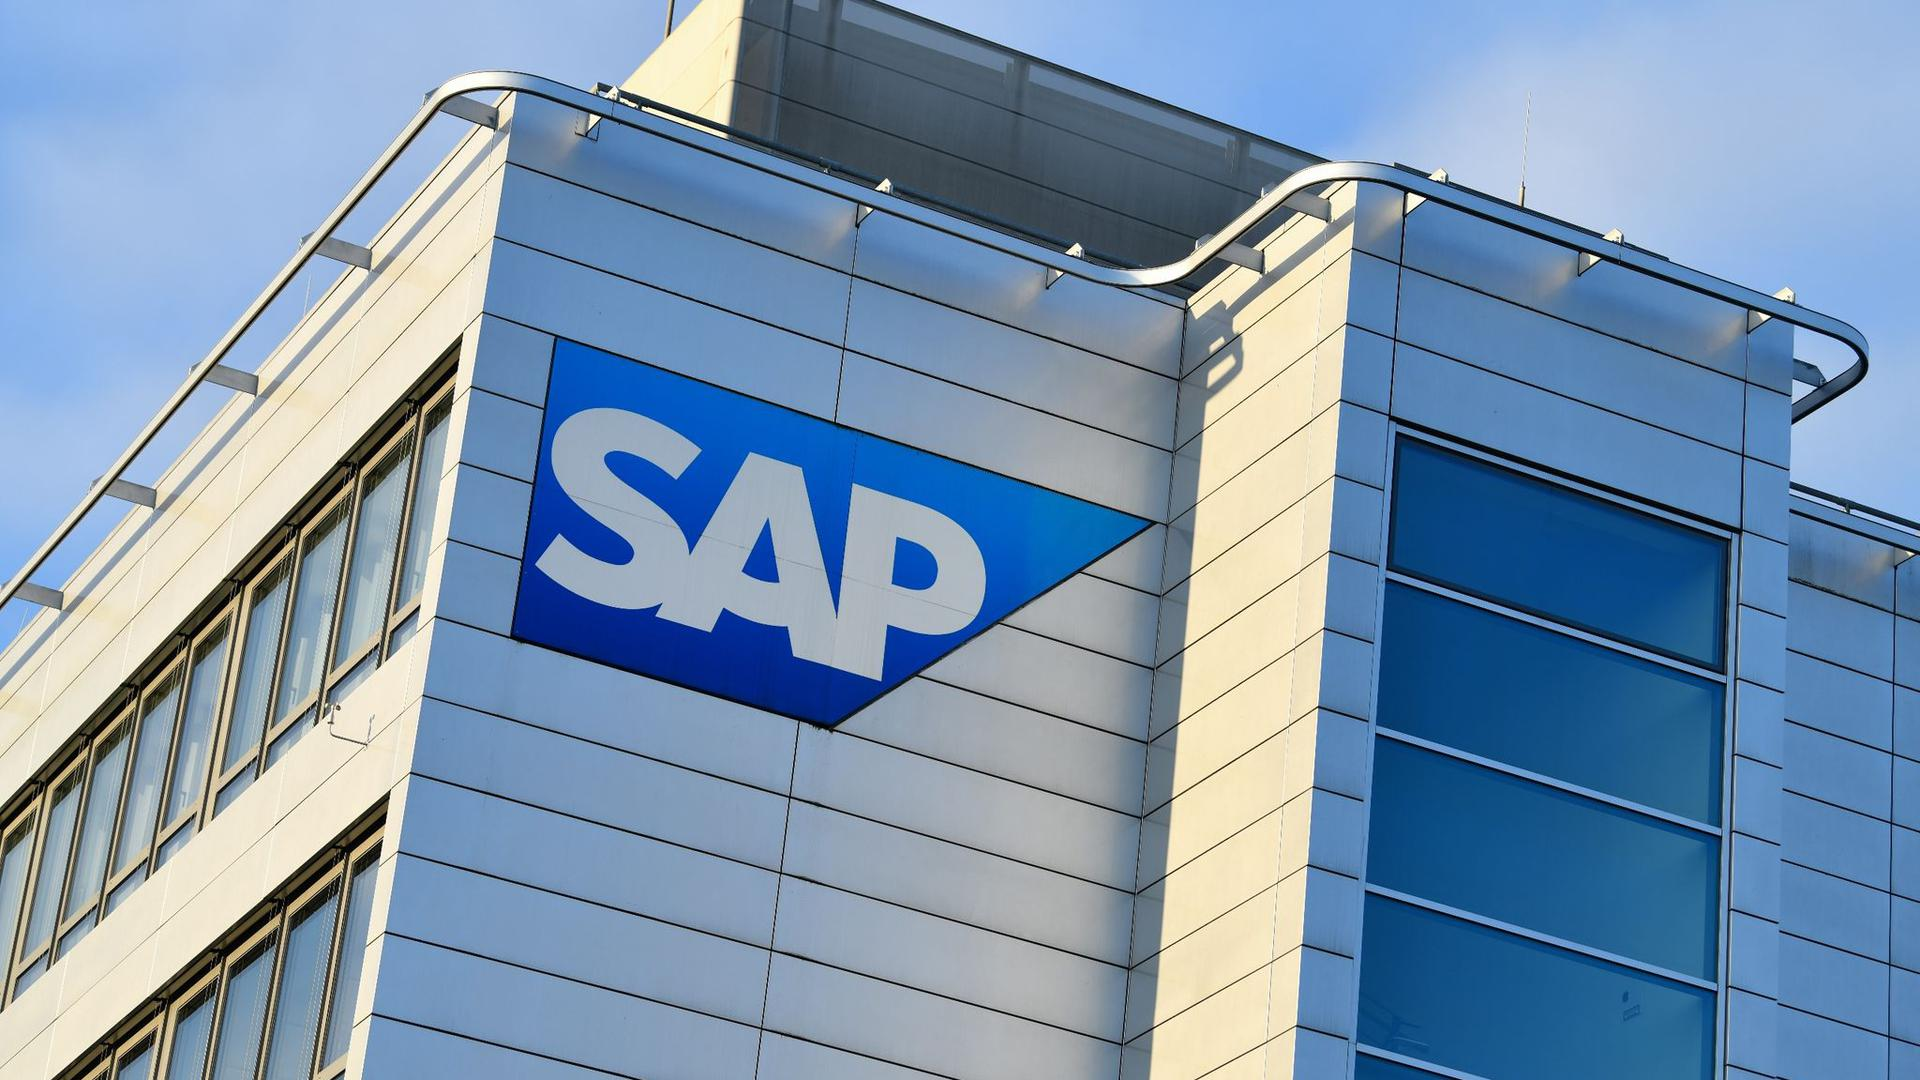 Das Logo des Softwarekonzerns SAPist an einem Gebäude zu sehen.